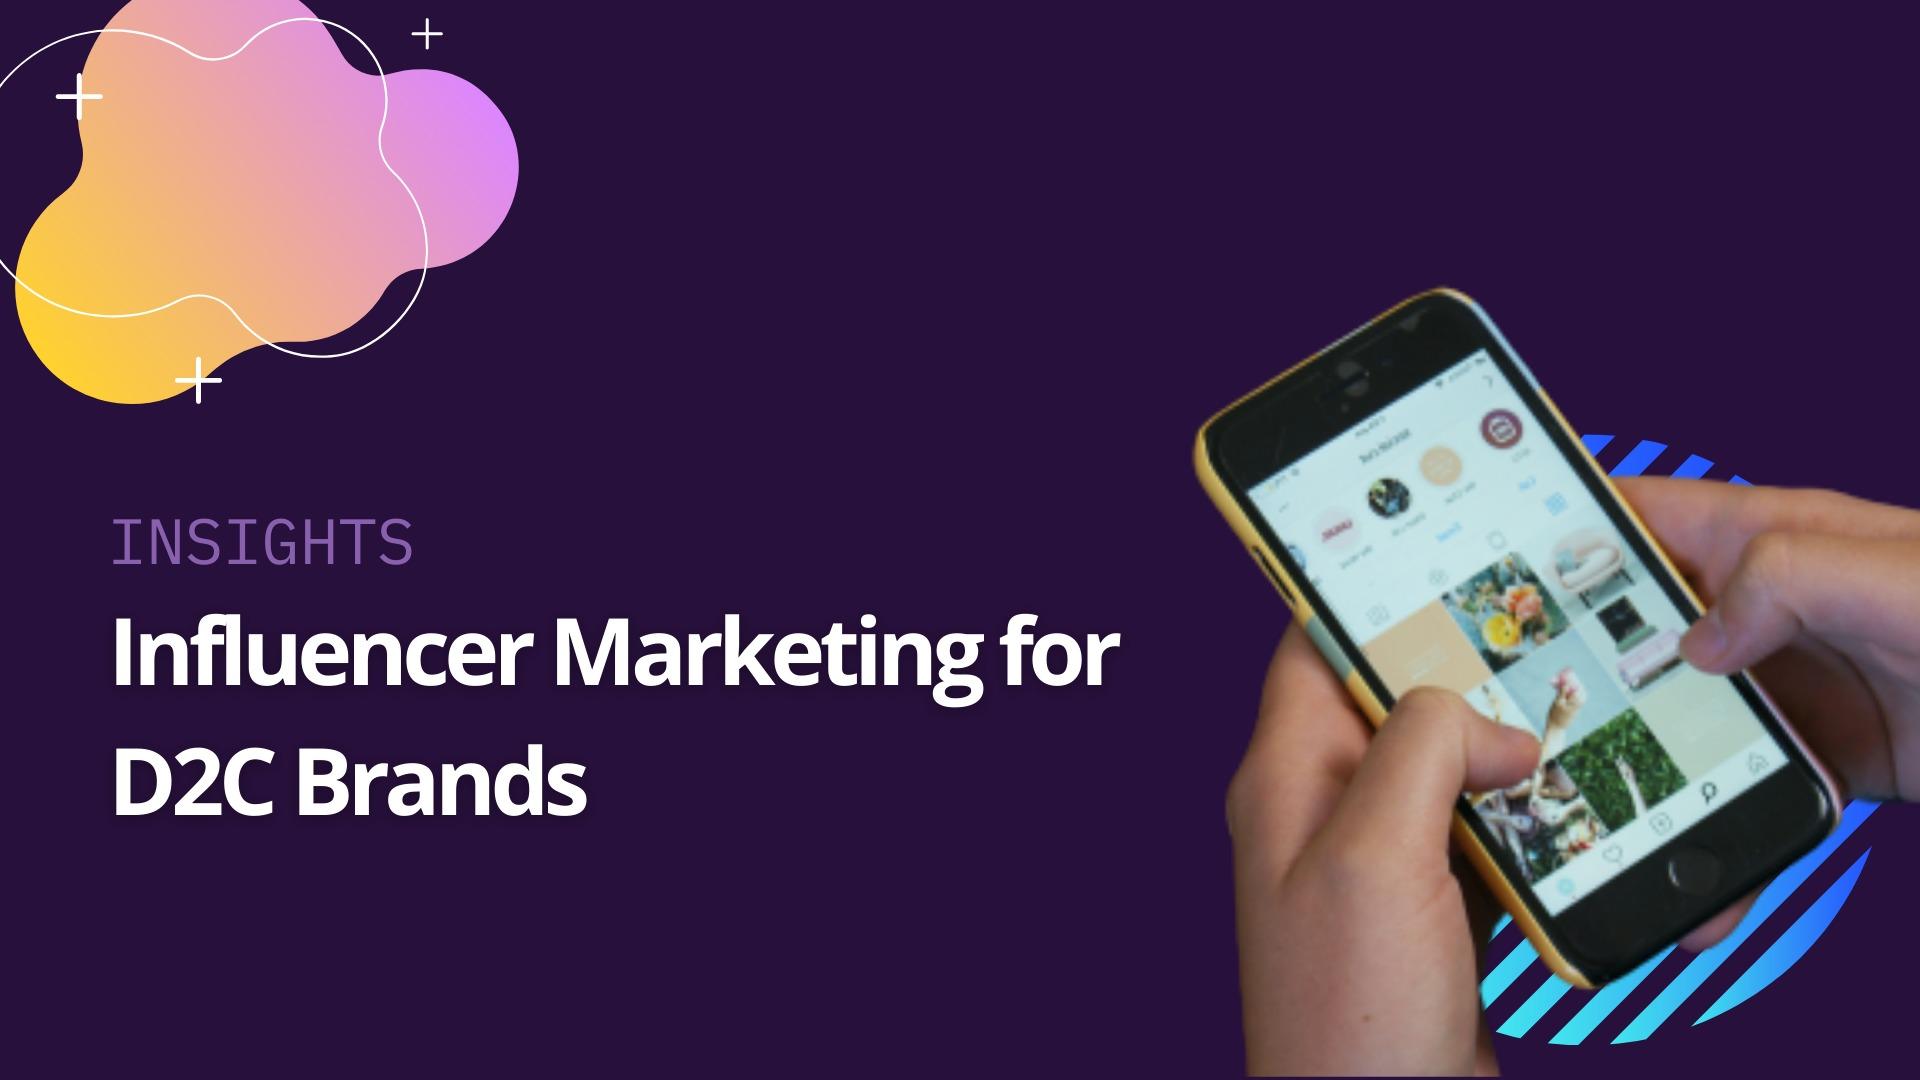 Influencer Marketing for D2C brands image